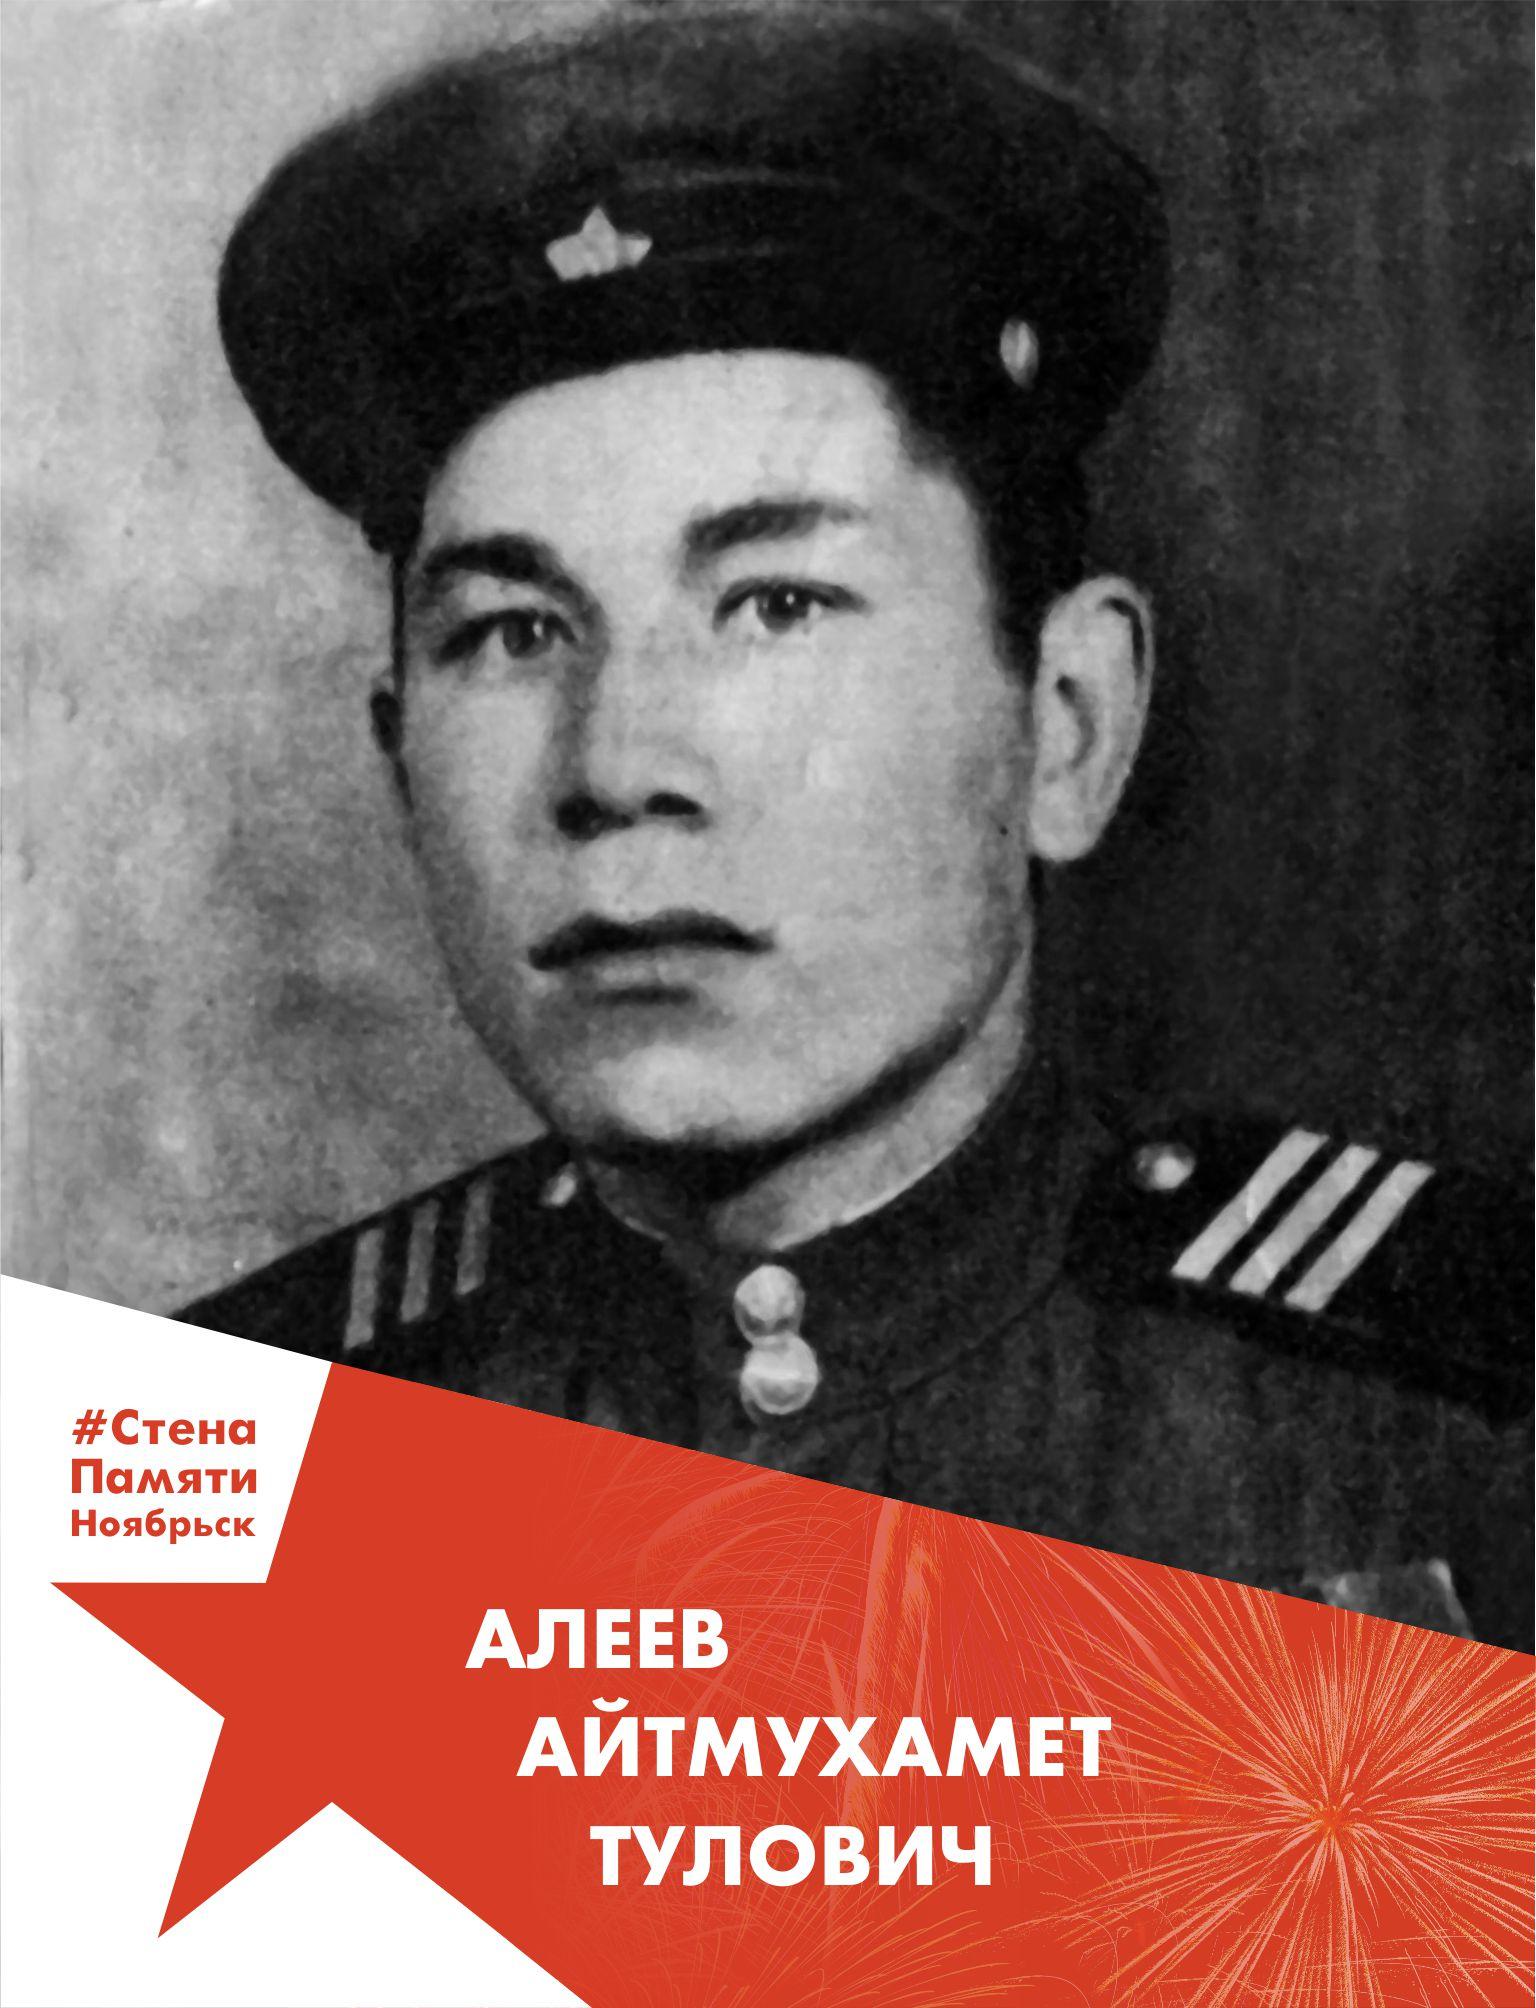 Алеев Айтмухамет Тулович